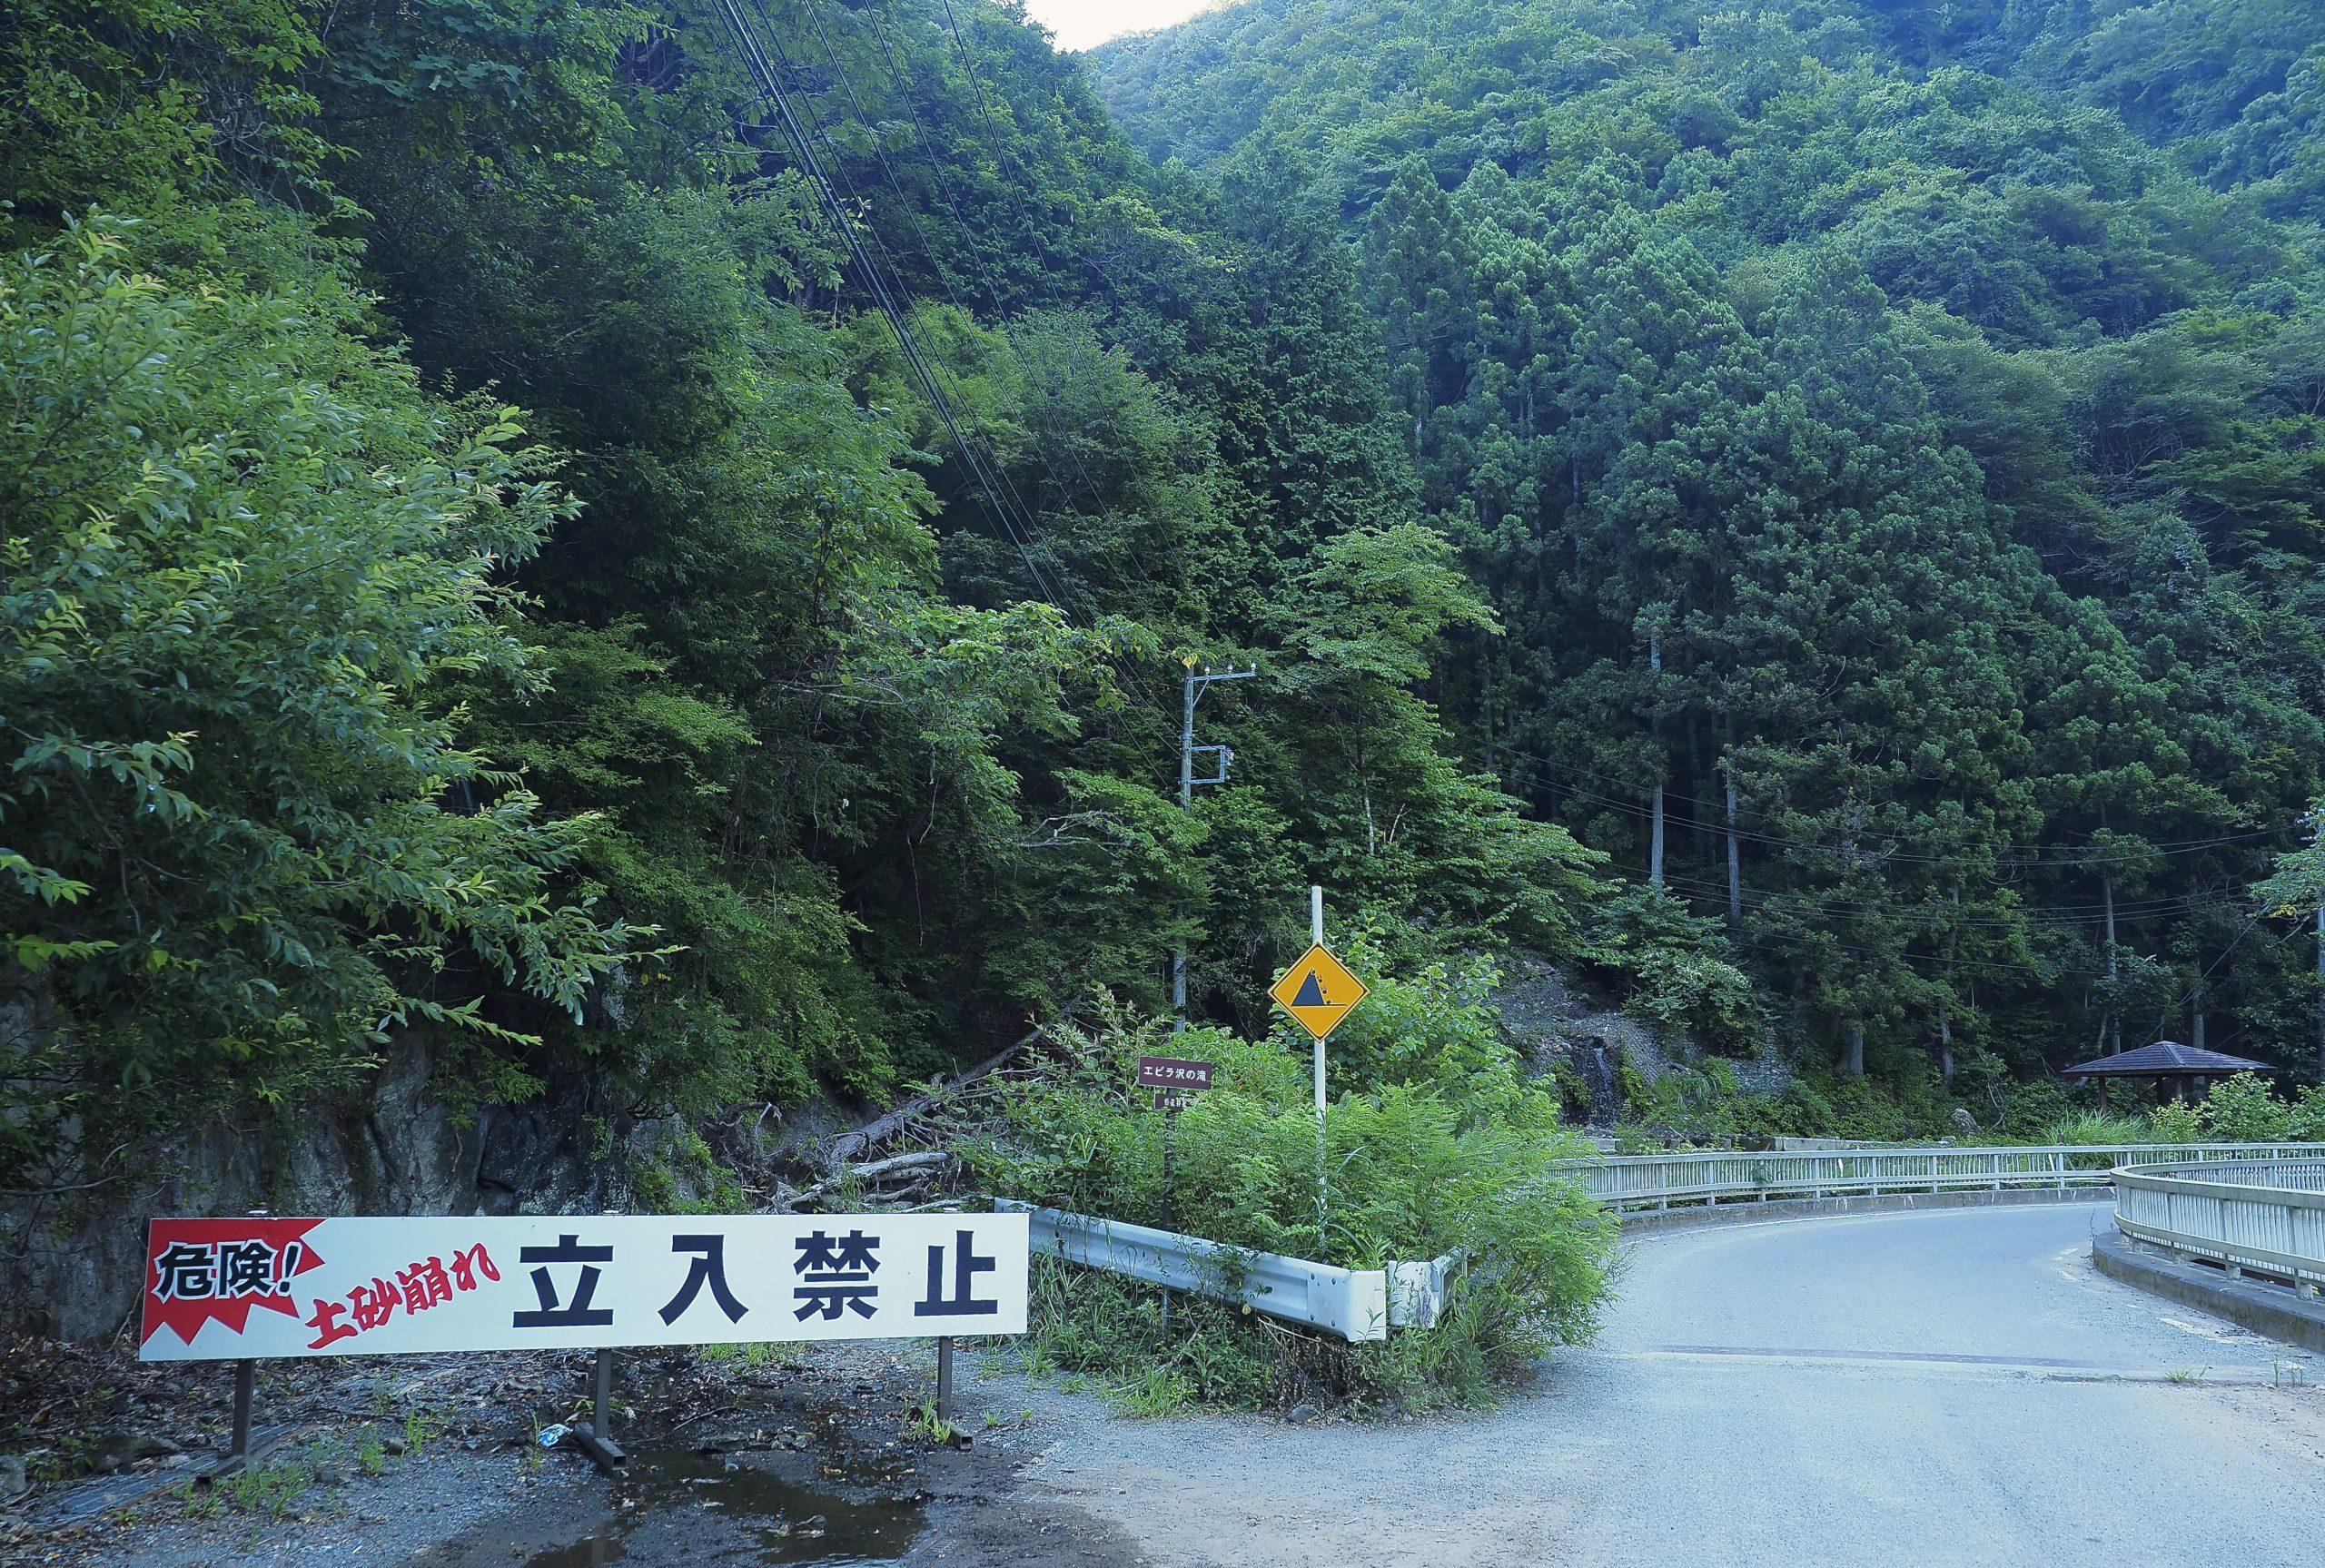 神奈川県 エビラ沢の滝